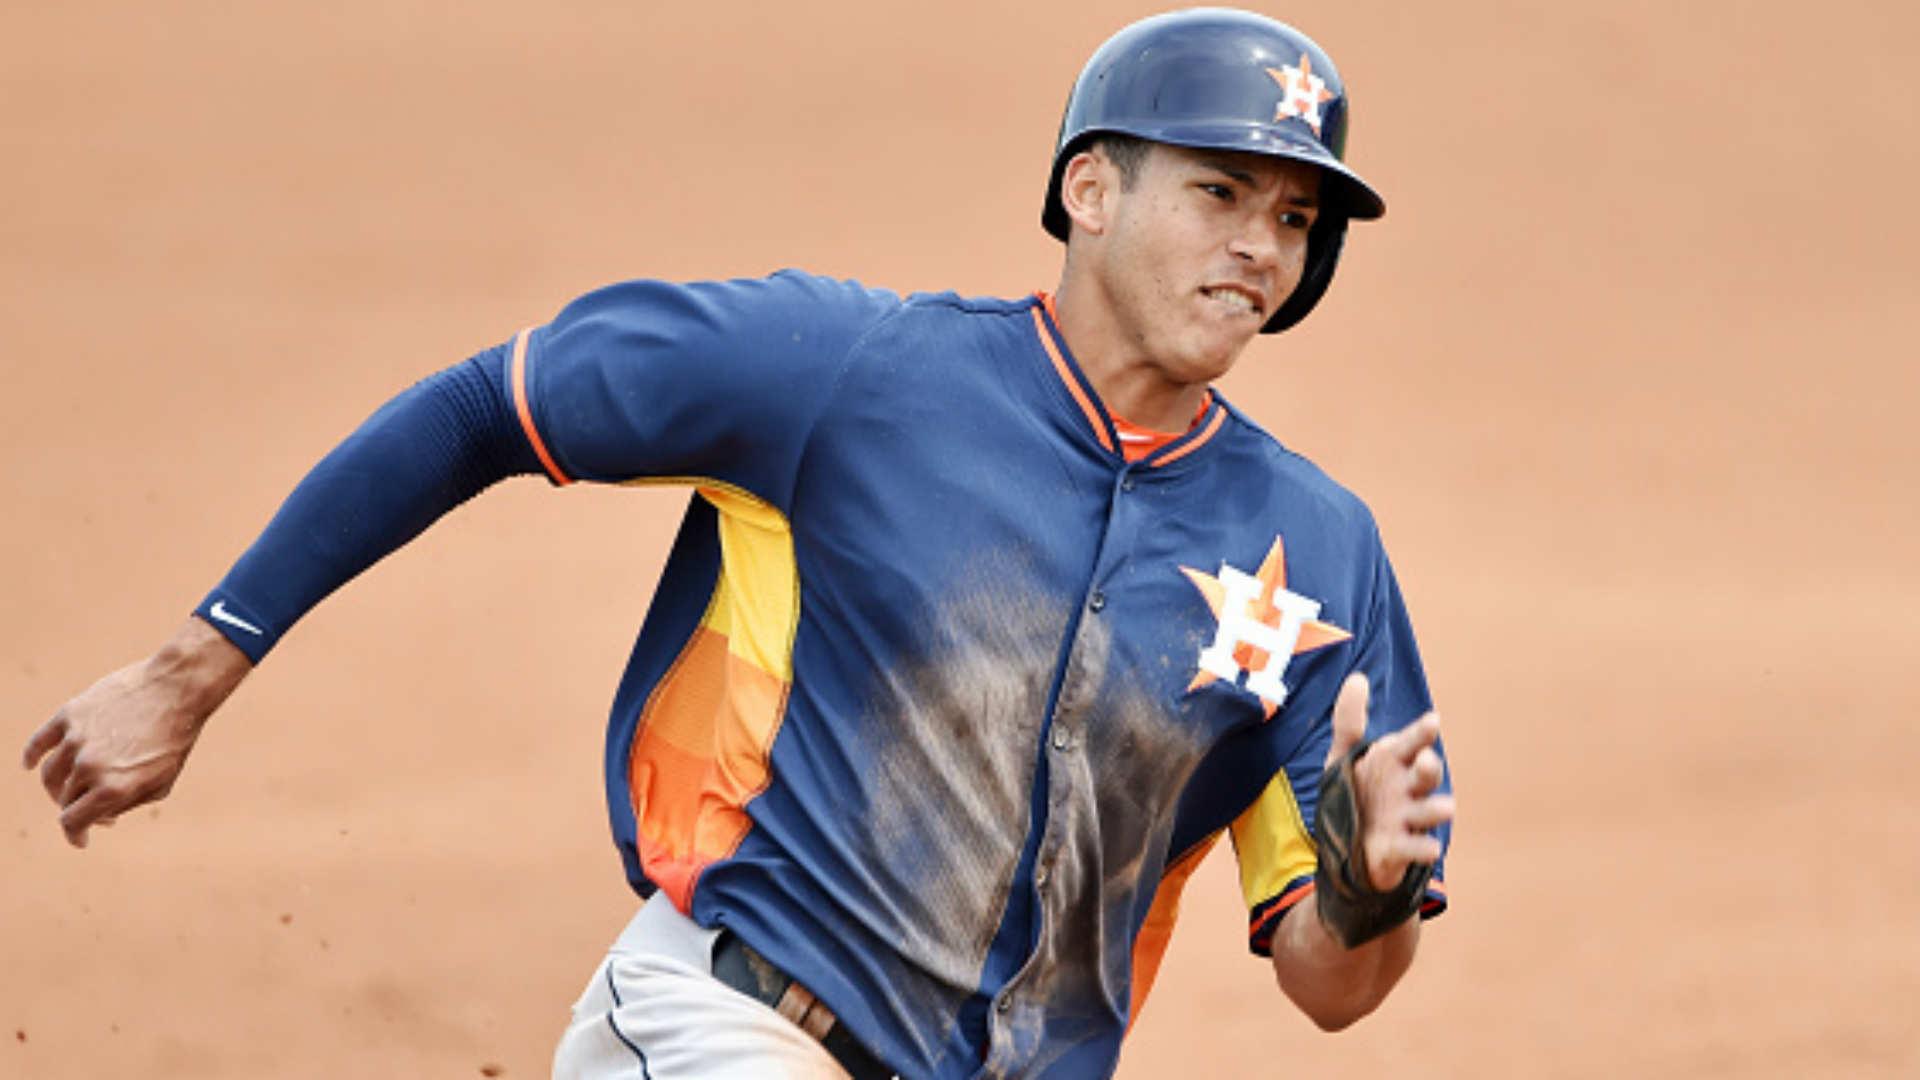 Carlos Correa promete que pondrá números impresionantes en Grandes Ligas